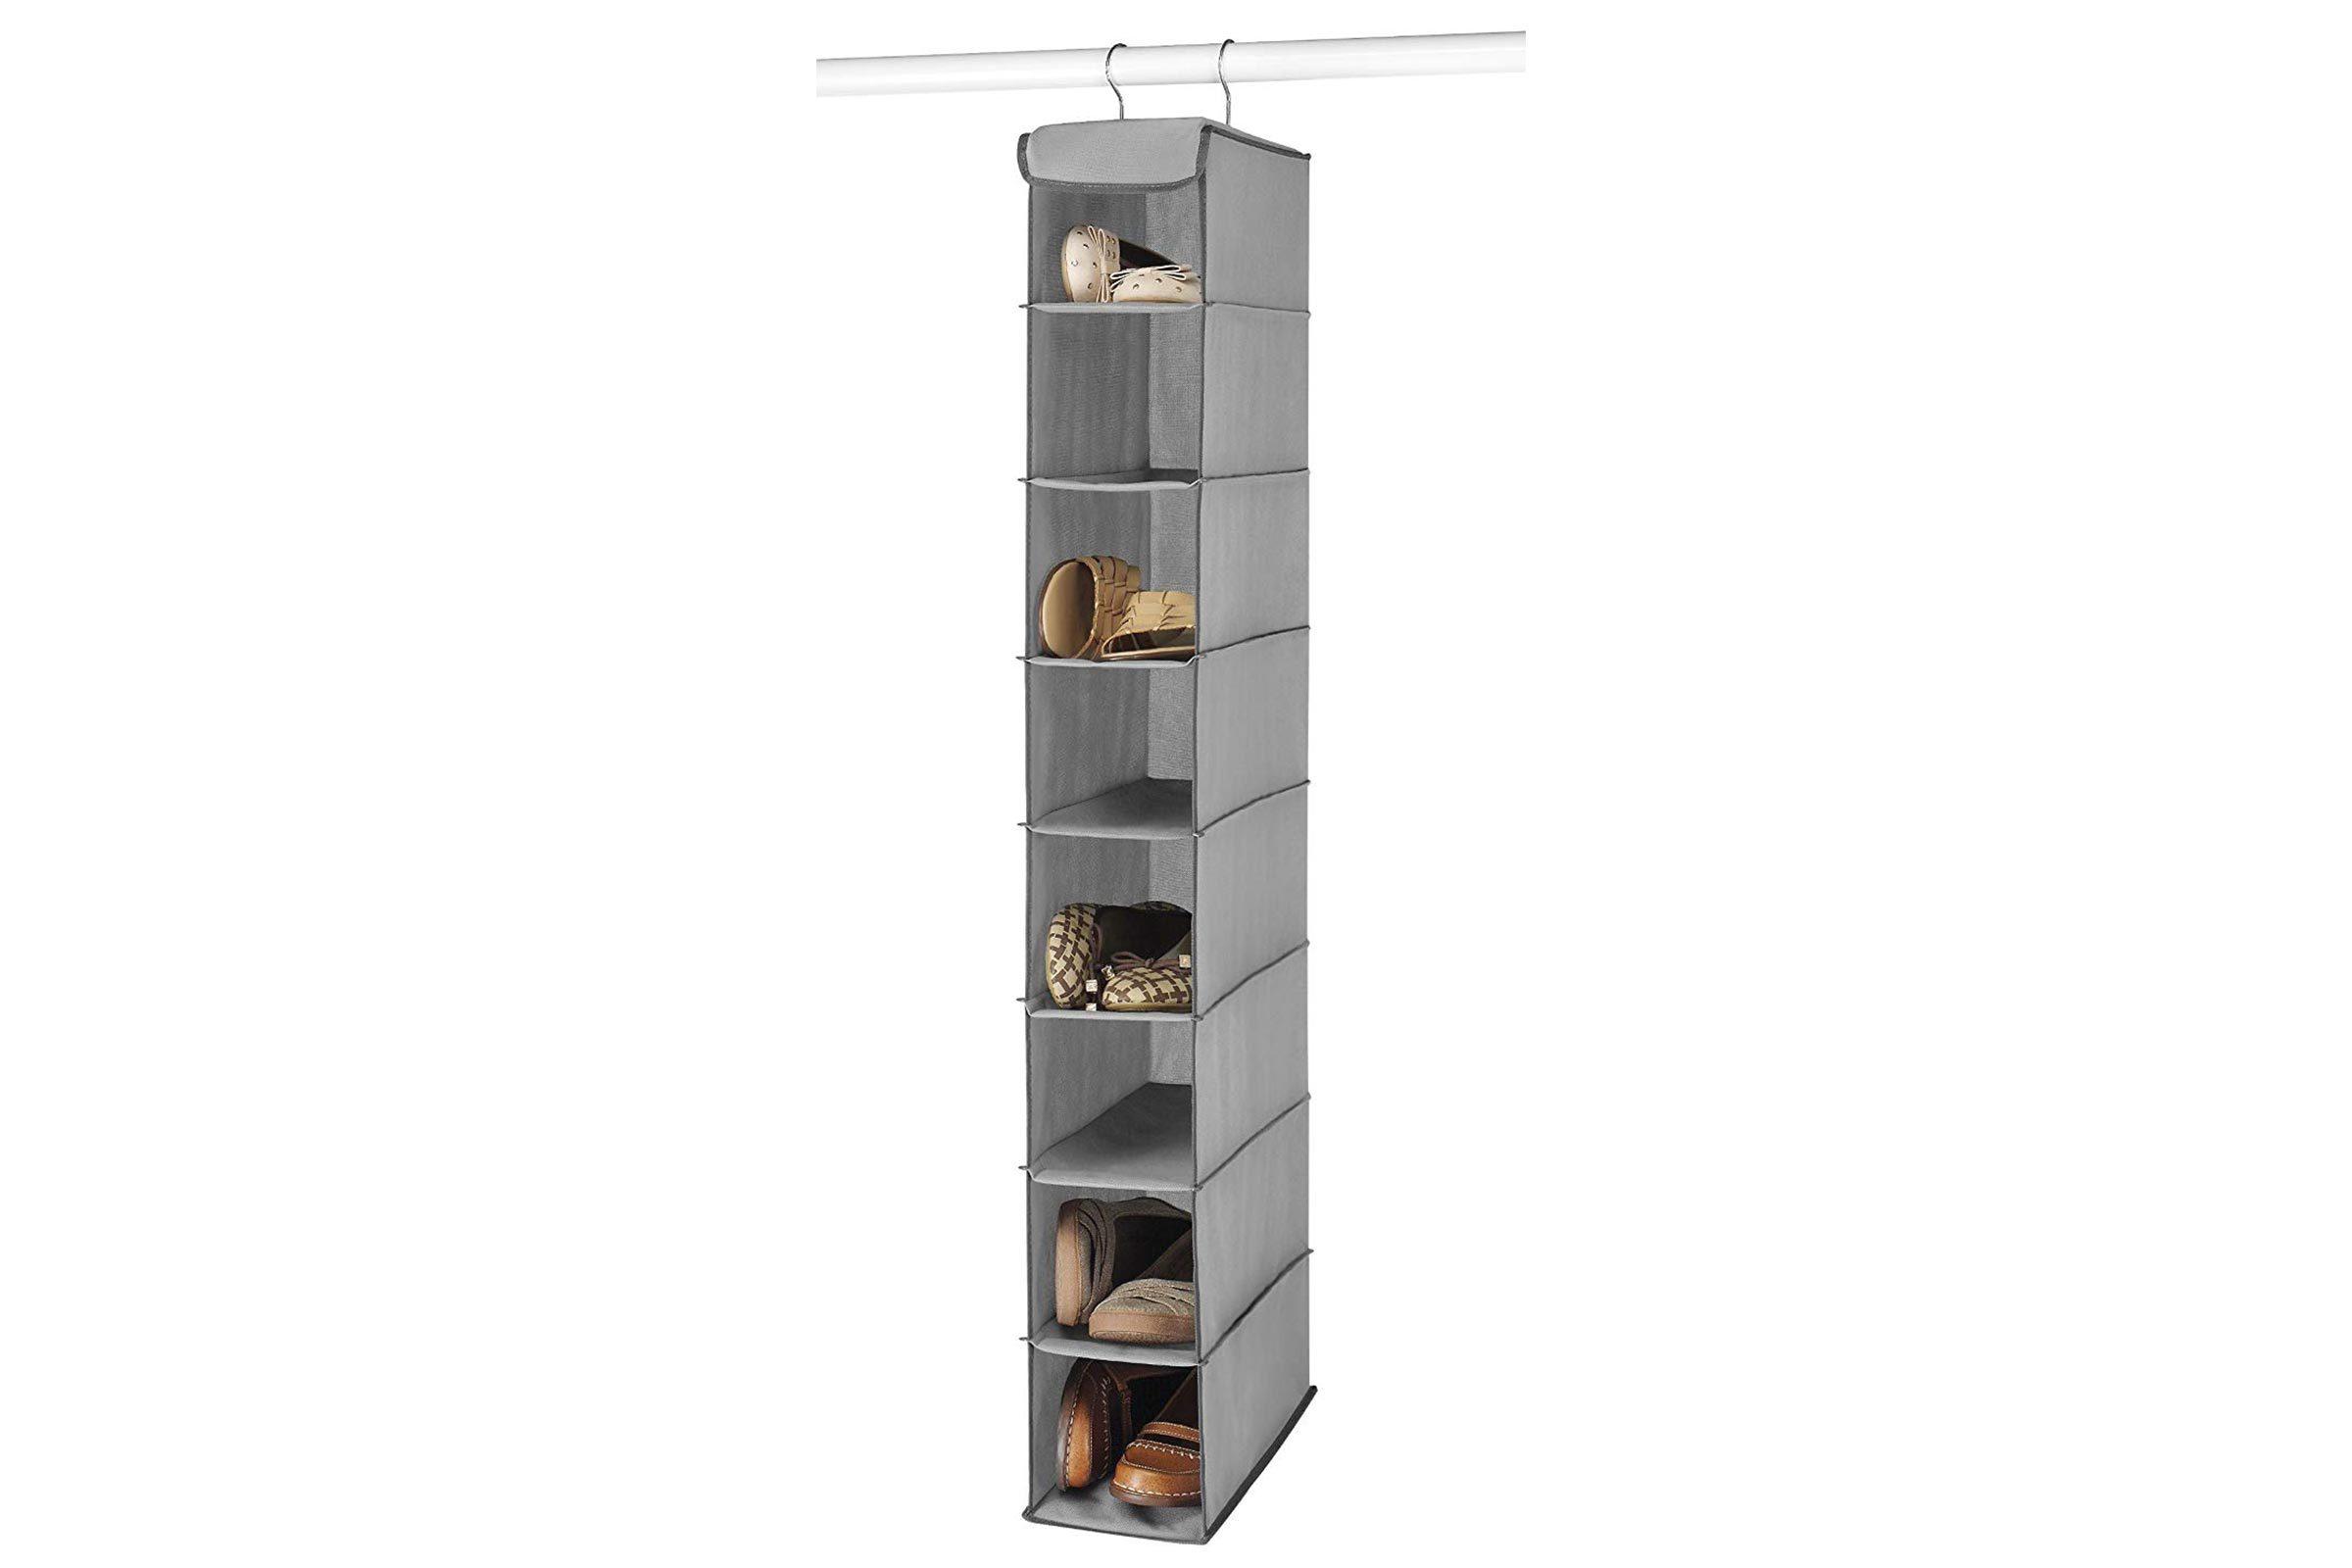 16_Hanging-Shoe-Shelves